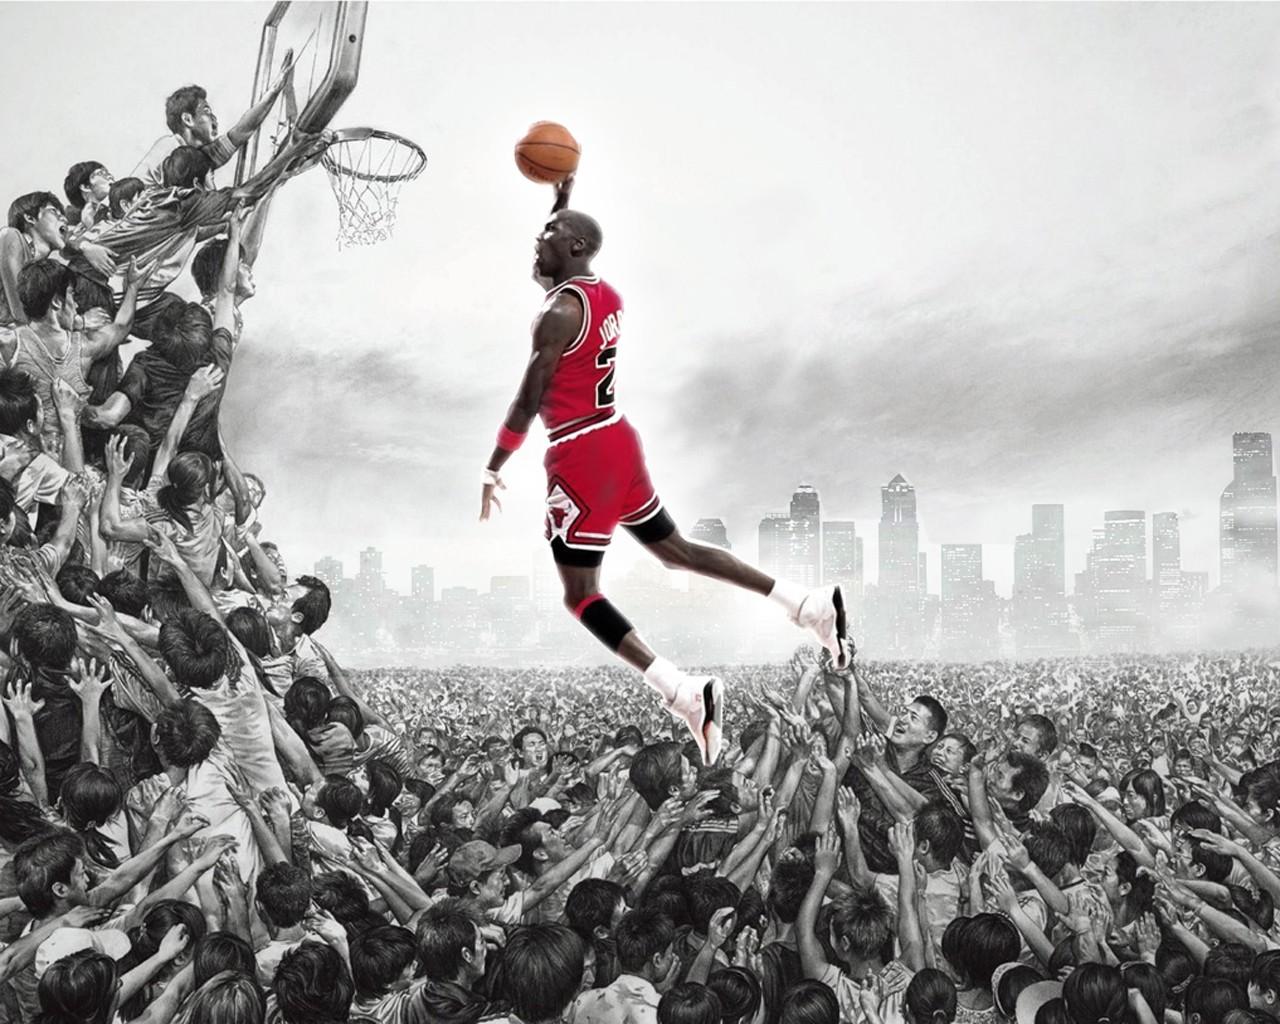 street basketball wallpaper